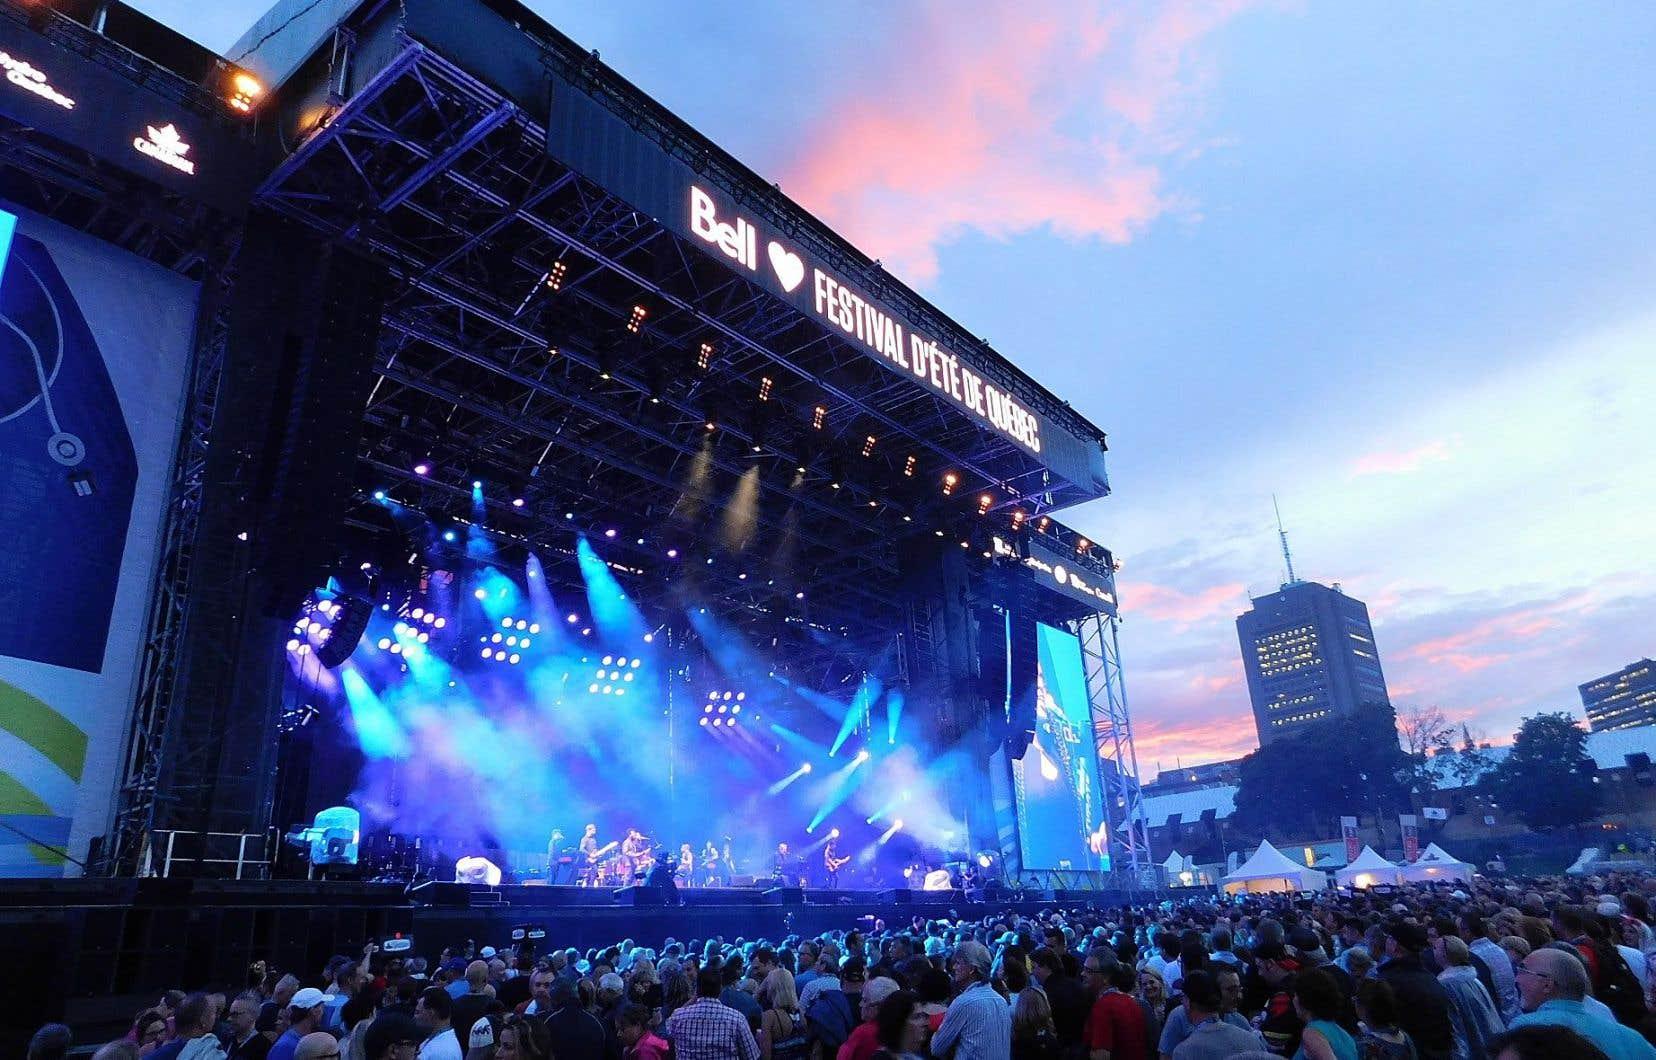 Le Festival d'été de Québec et ses grands spectacles, un attrait indéniable pour les visiteurs